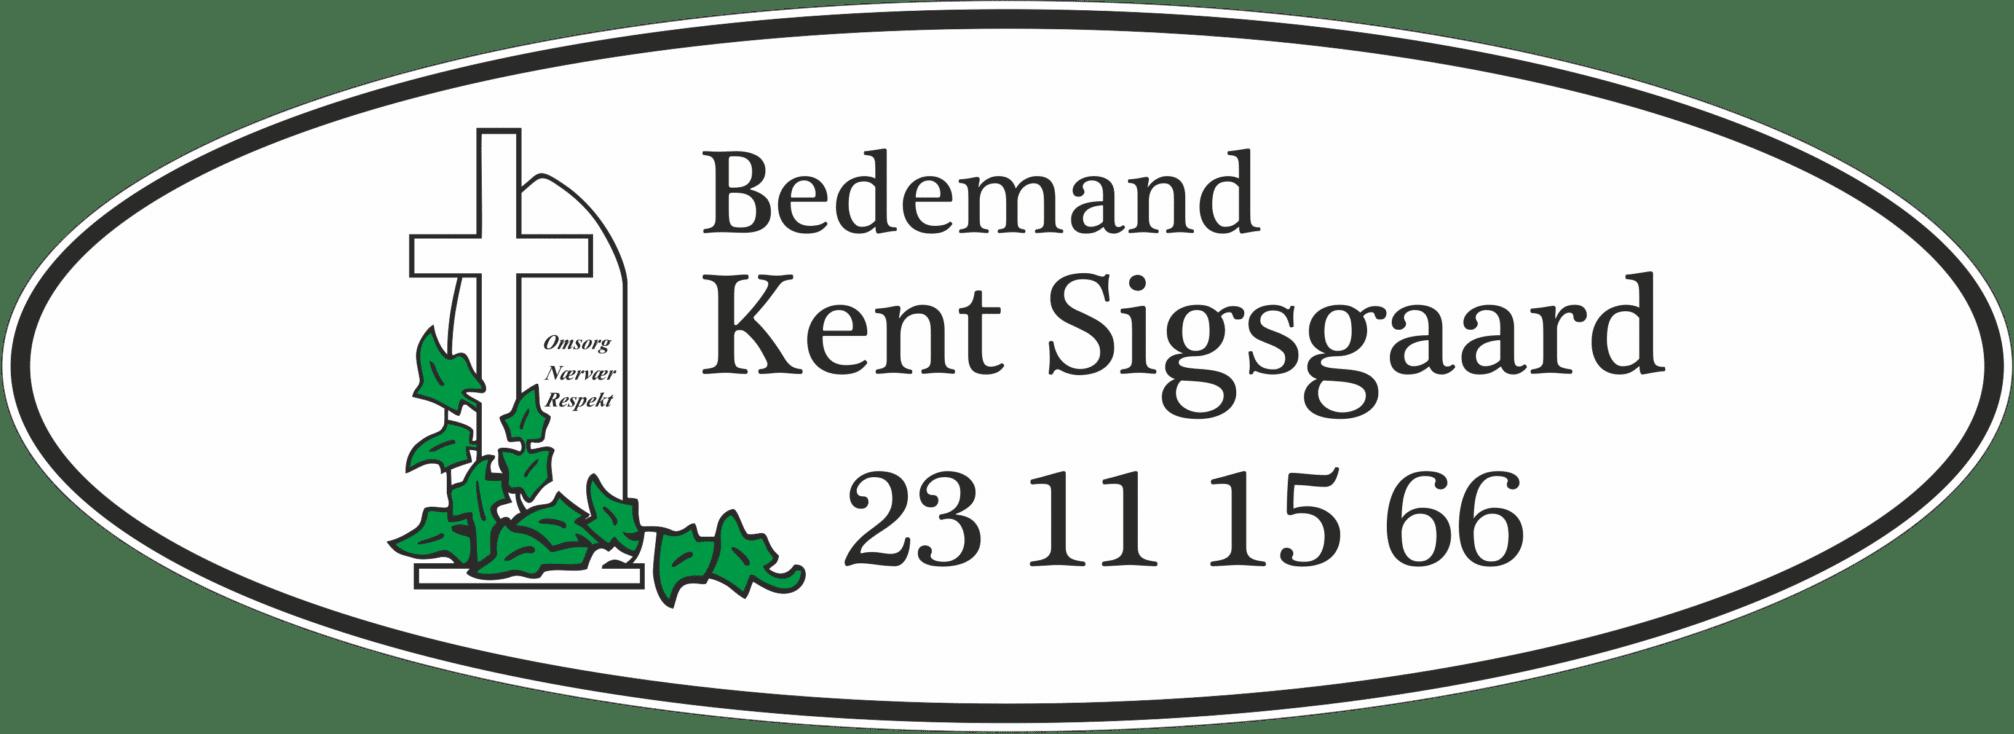 Bedemand Kent Sigsgaard